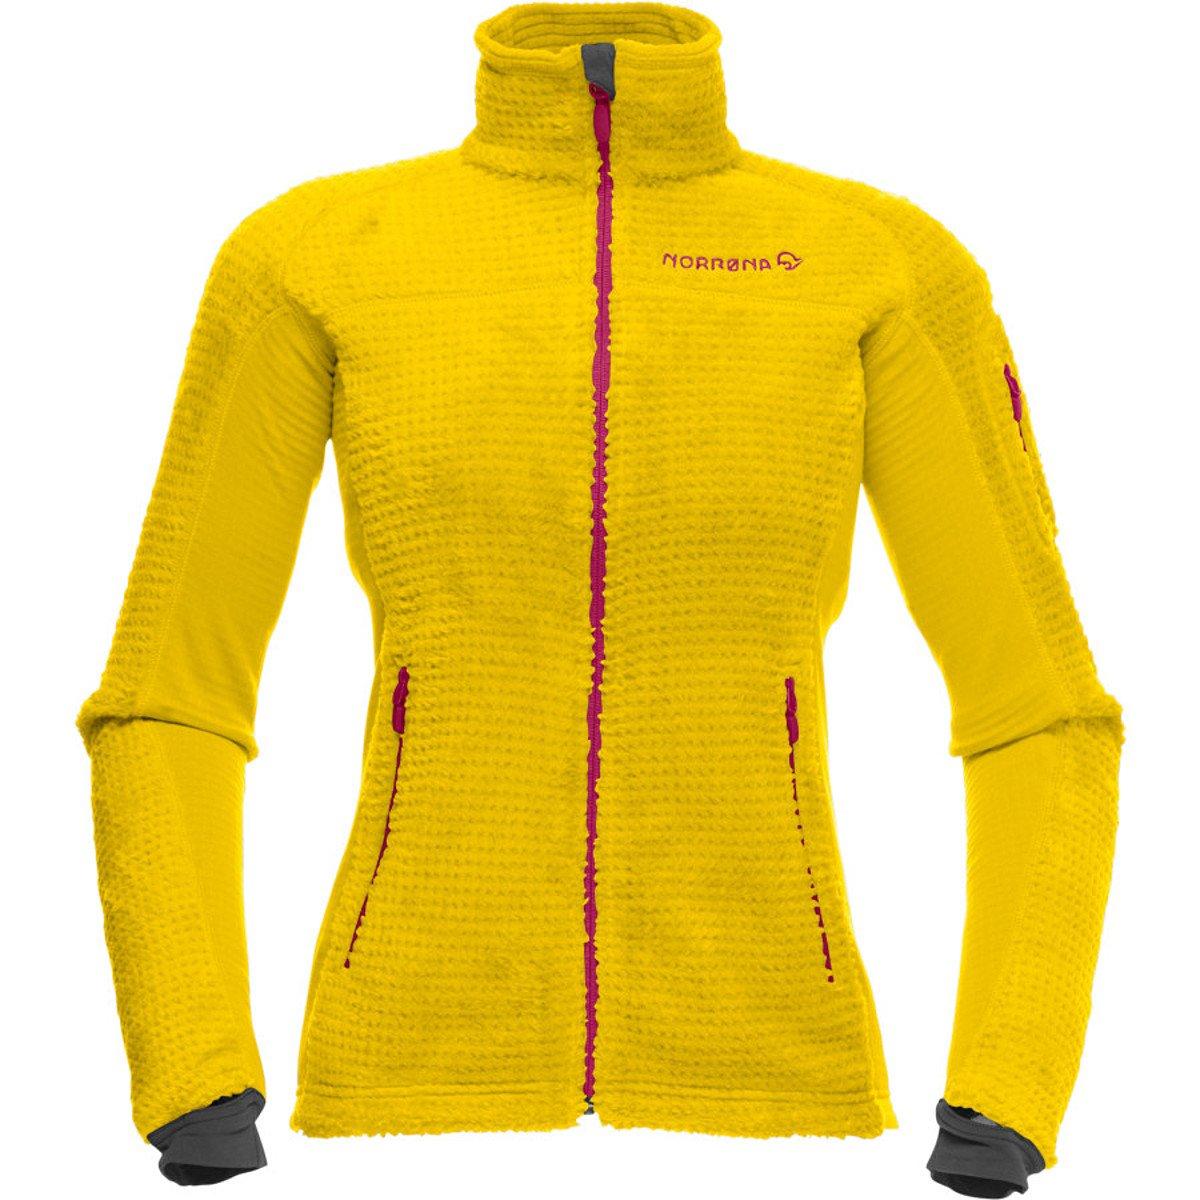 Norrona Lofoten High Loft Jacket Women Yellow Saffron / M günstig online kaufen